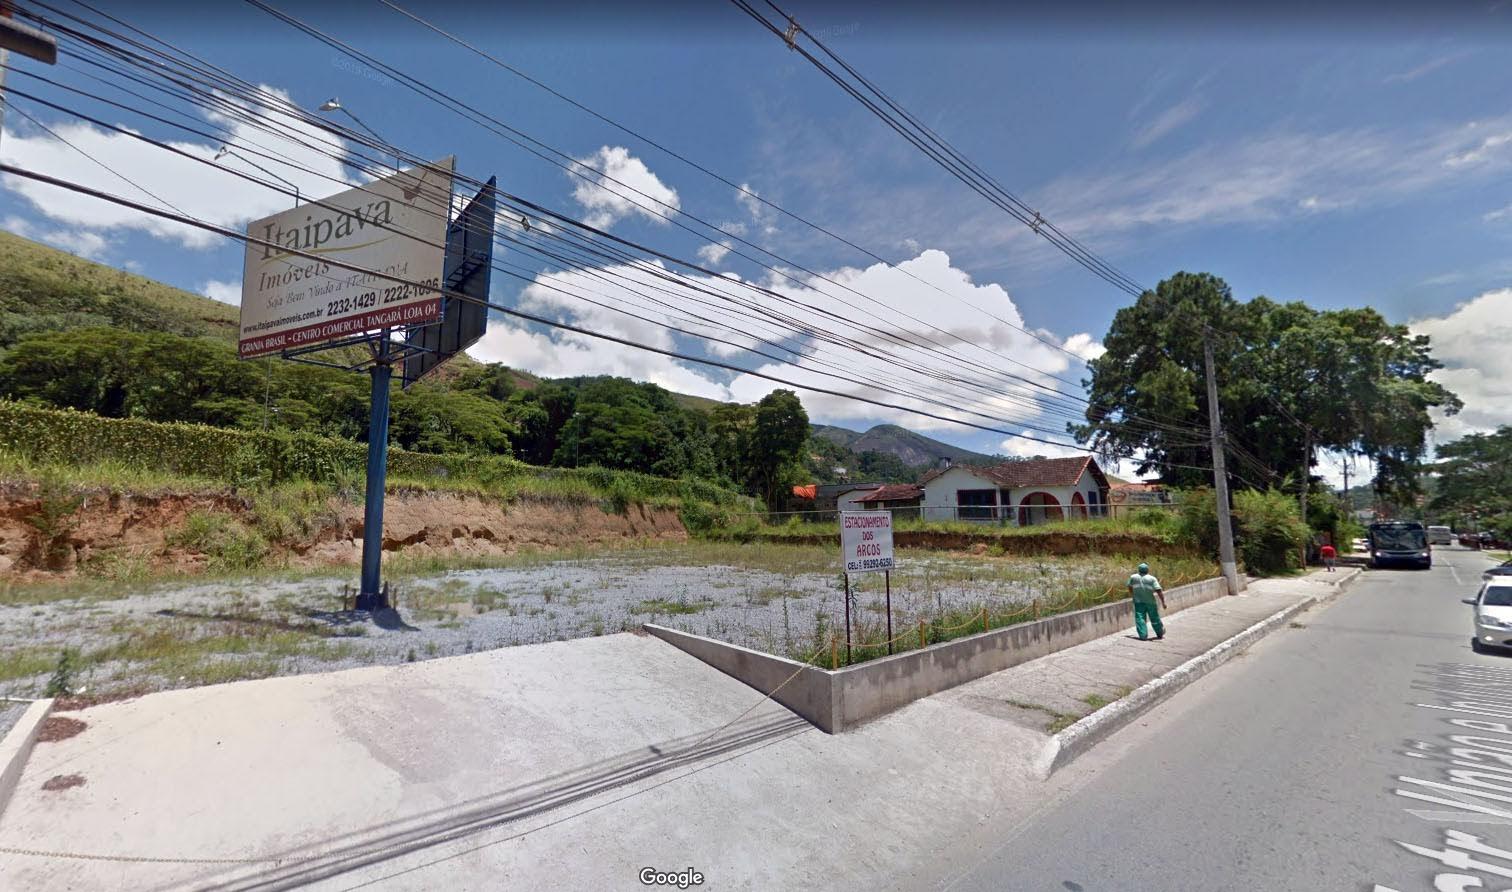 Estacionamento para Motorcasas e Trailers em Itaipava 4